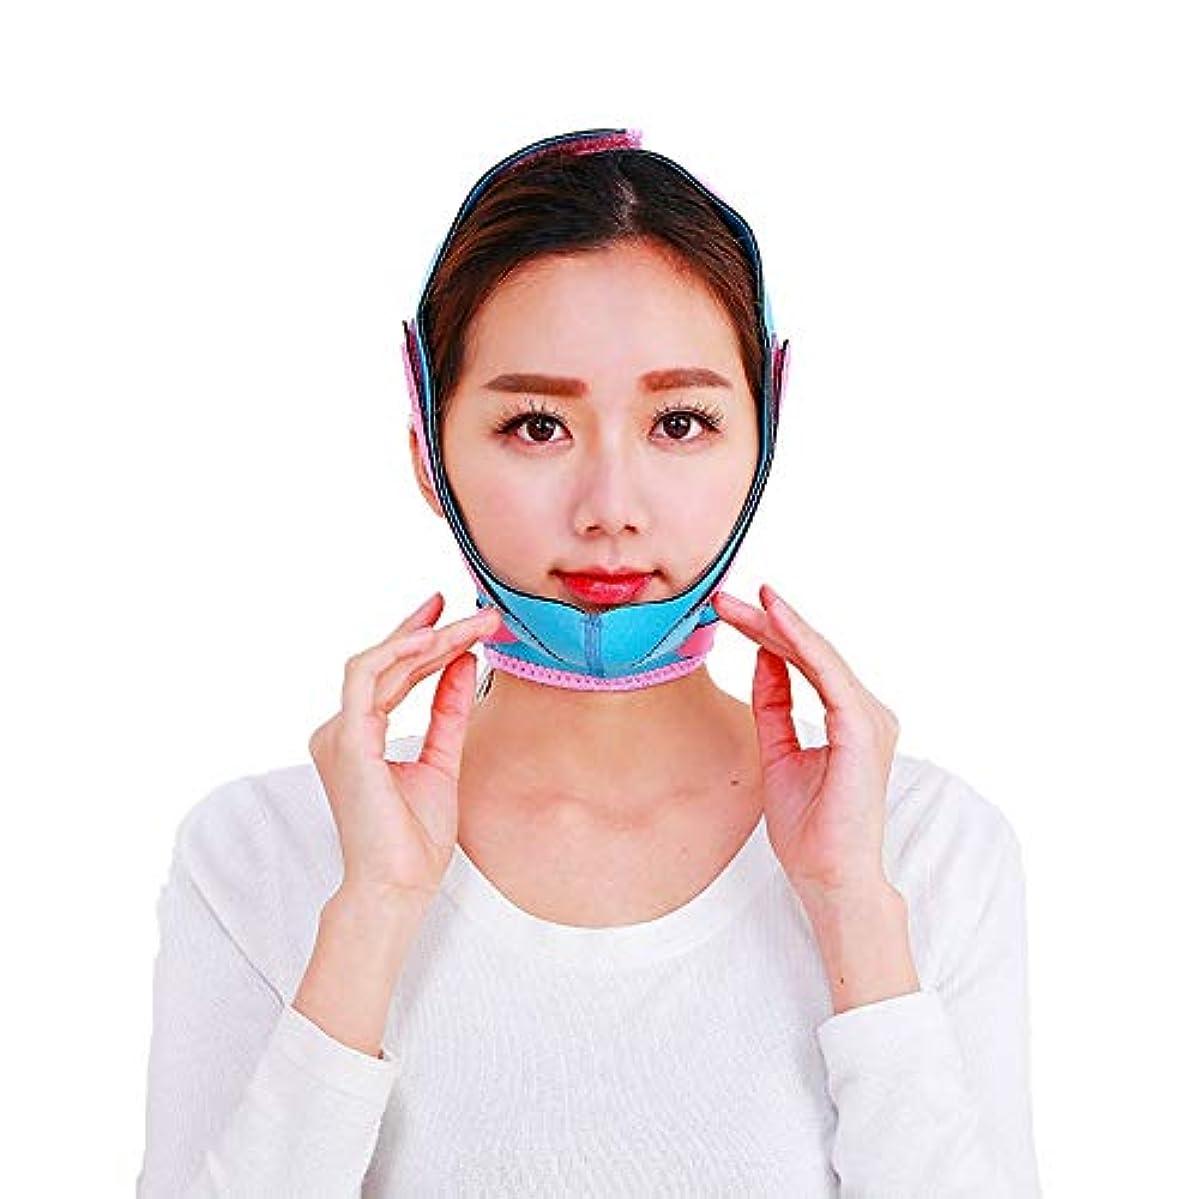 壮大な解き明かす何よりもJia Jia- フェイスマスクマスクスリムマスクリフティングコンターリリーフドループマッスル引き締め肌弾性Vフェイス包帯 顔面包帯